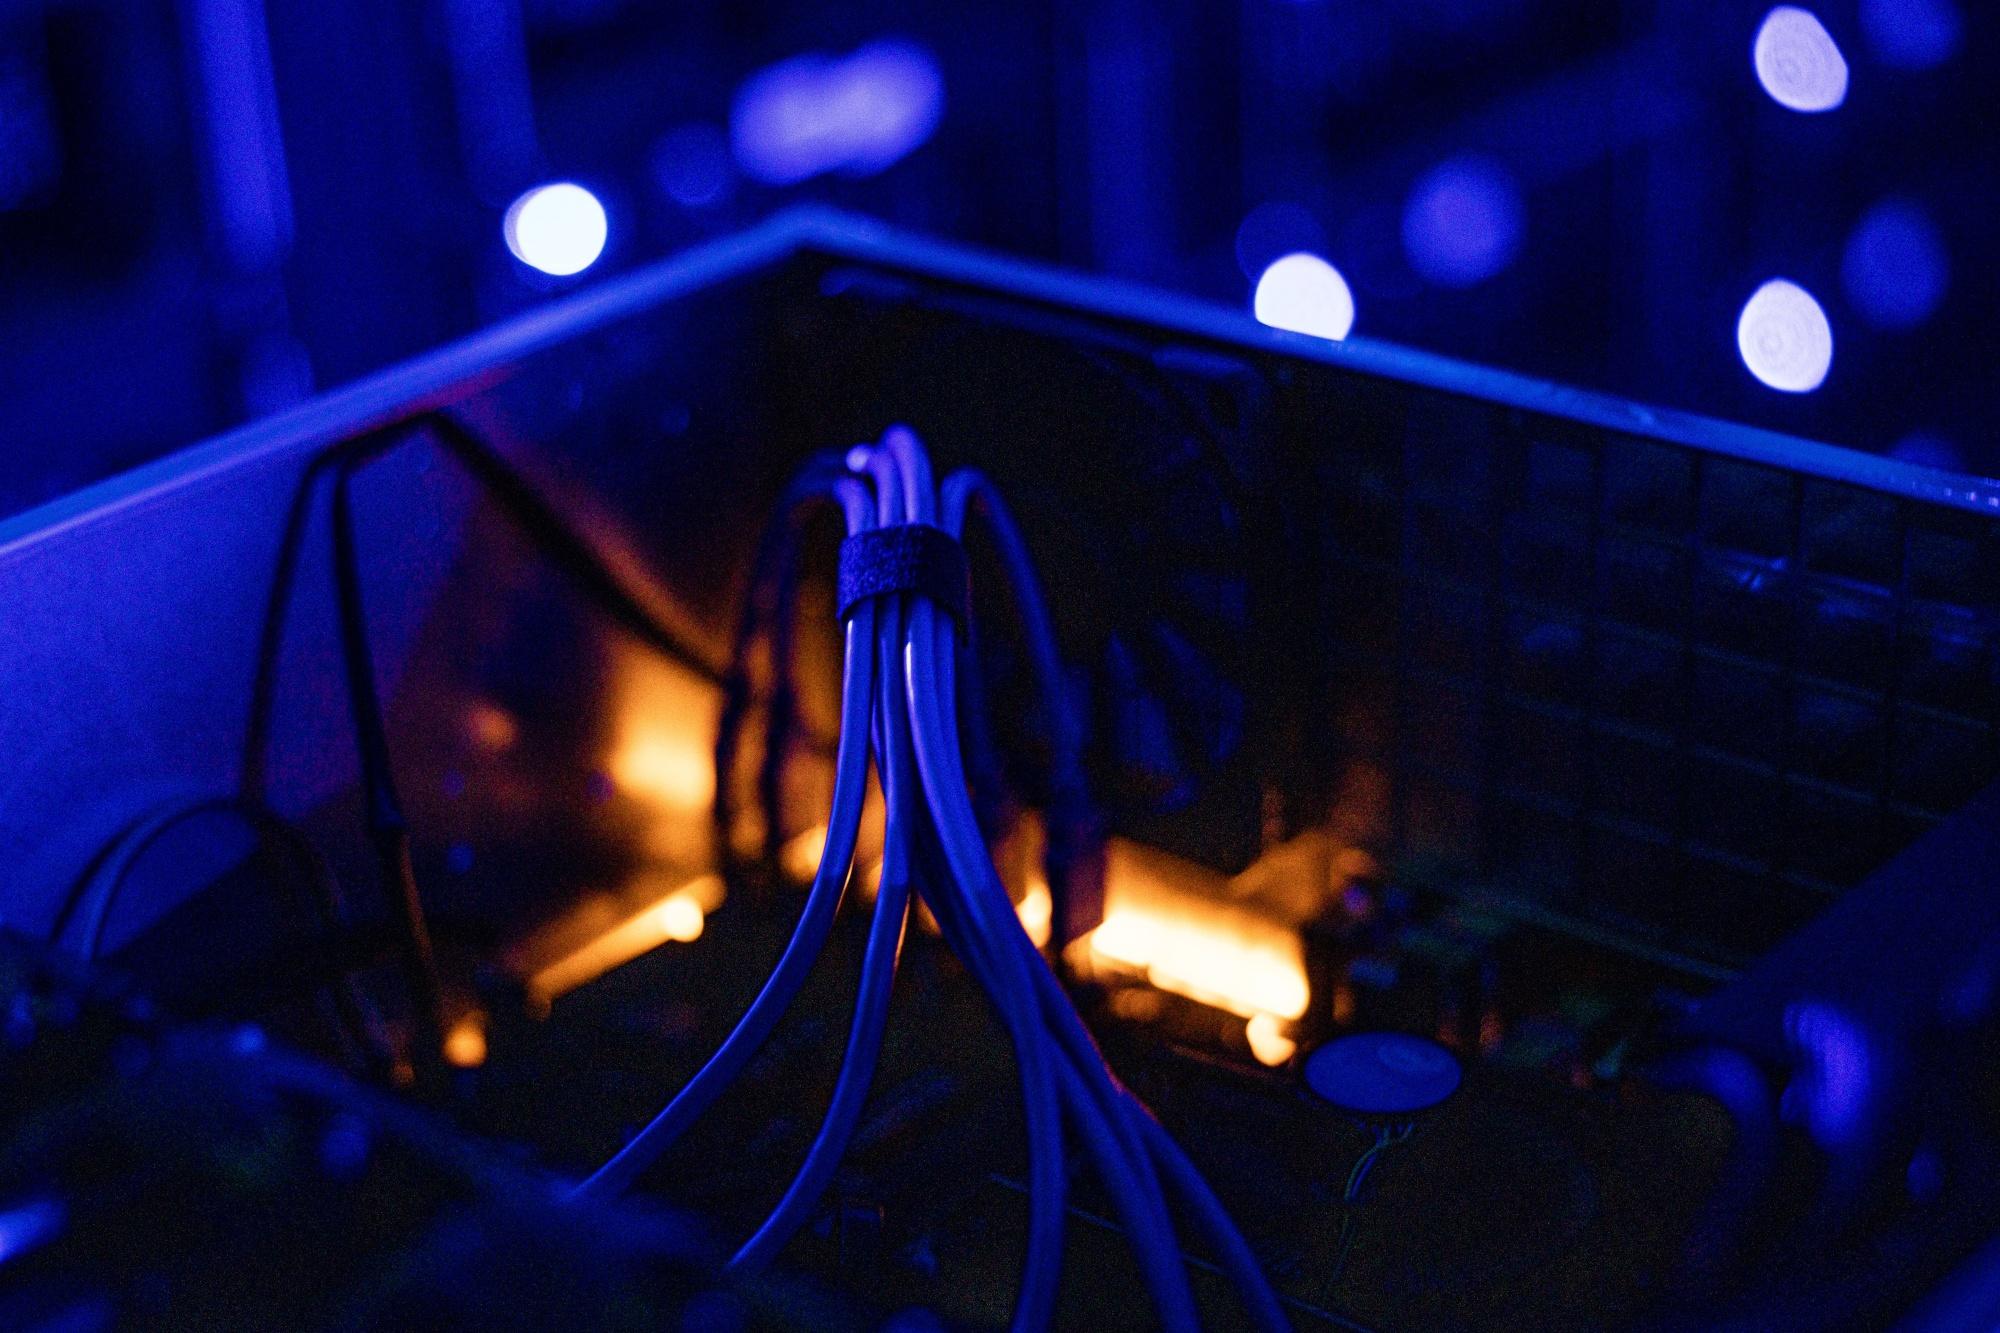 Kabel di dalam unit pemrosesan grafis rumah undian (GPU) yang digunakan untuk menambang cryptocurrency Ethereum dan Zilliqa di peternakan crypto Evobits di Cluj-Napoca, Romania, pada hari Rabu, 22 Januari 2021. Cryptocurrency paling berharga kedua di dunia, Ethereum , menguat 75% tahun ini, melampaui saingannya yang lebih besar, Bitcoin.